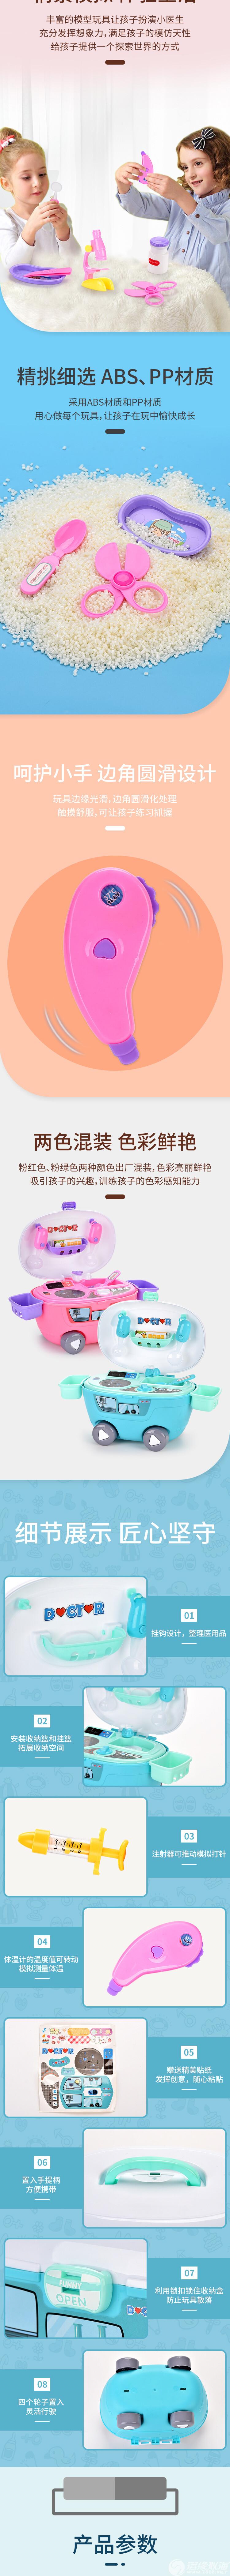 东兴玩具厂-(DX9002)-医用品收纳车-中文版详情页_02.jpg